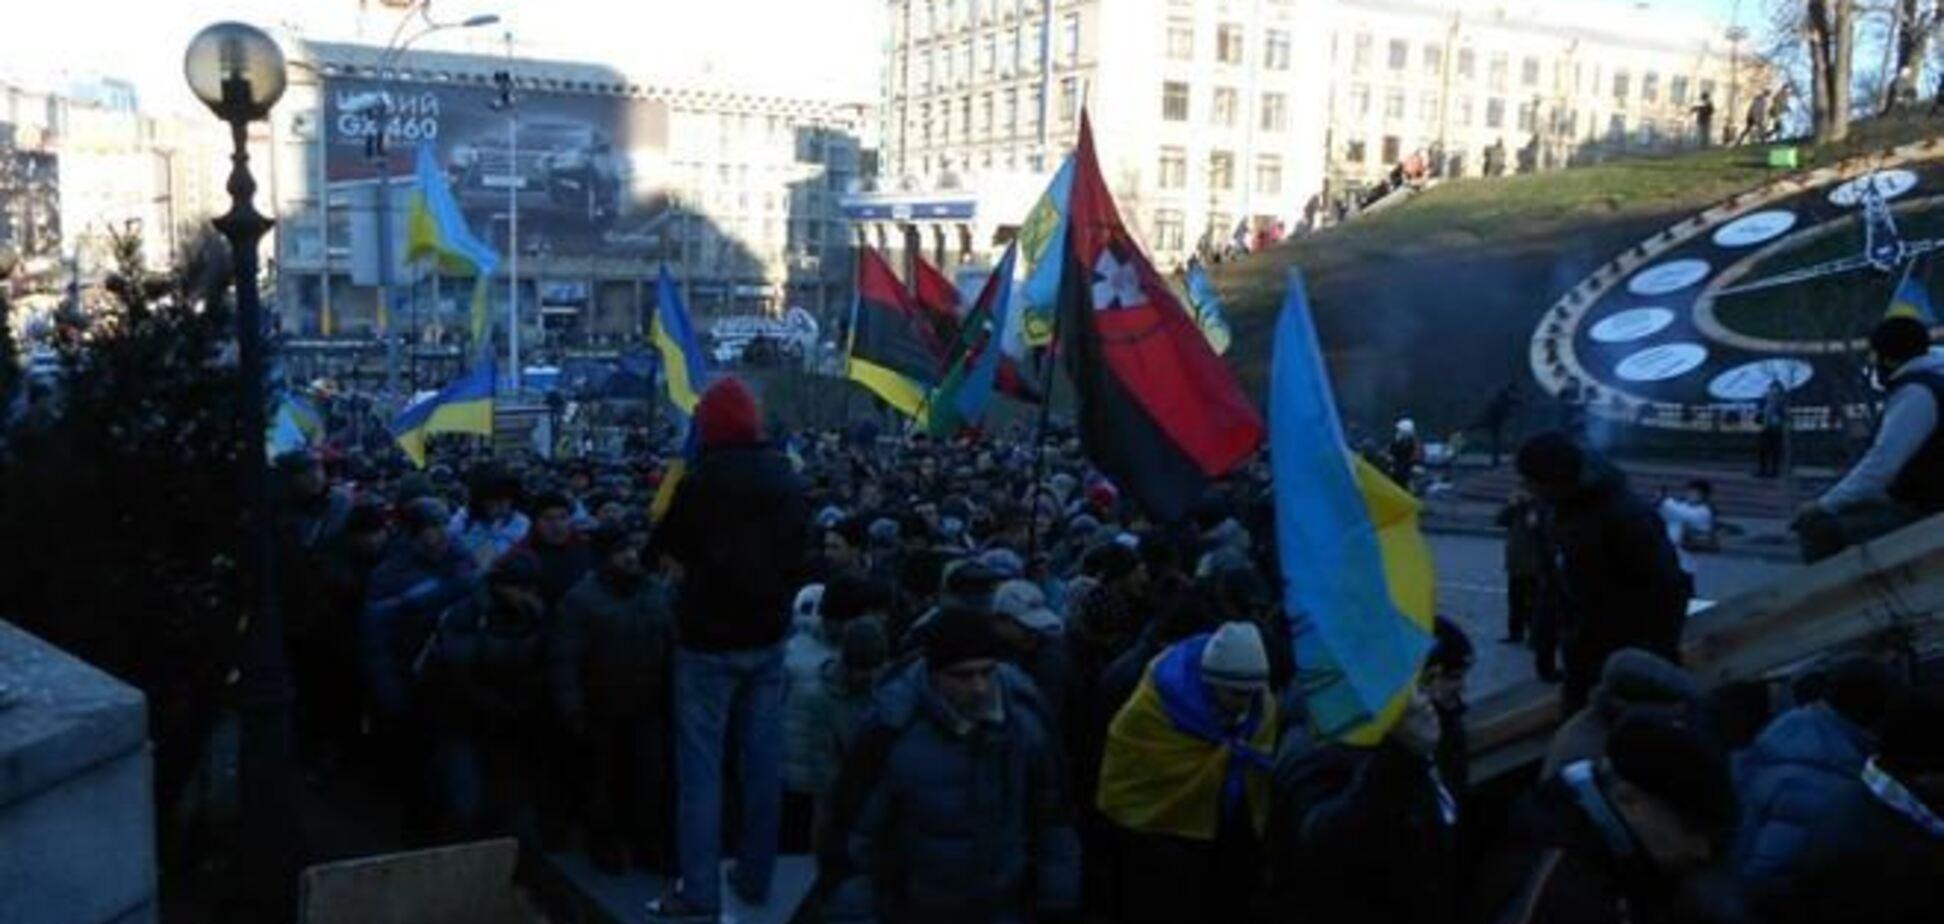 От ГПУ и СБУ требуют немедленно сообщить о судьбе пропавших на Майдане